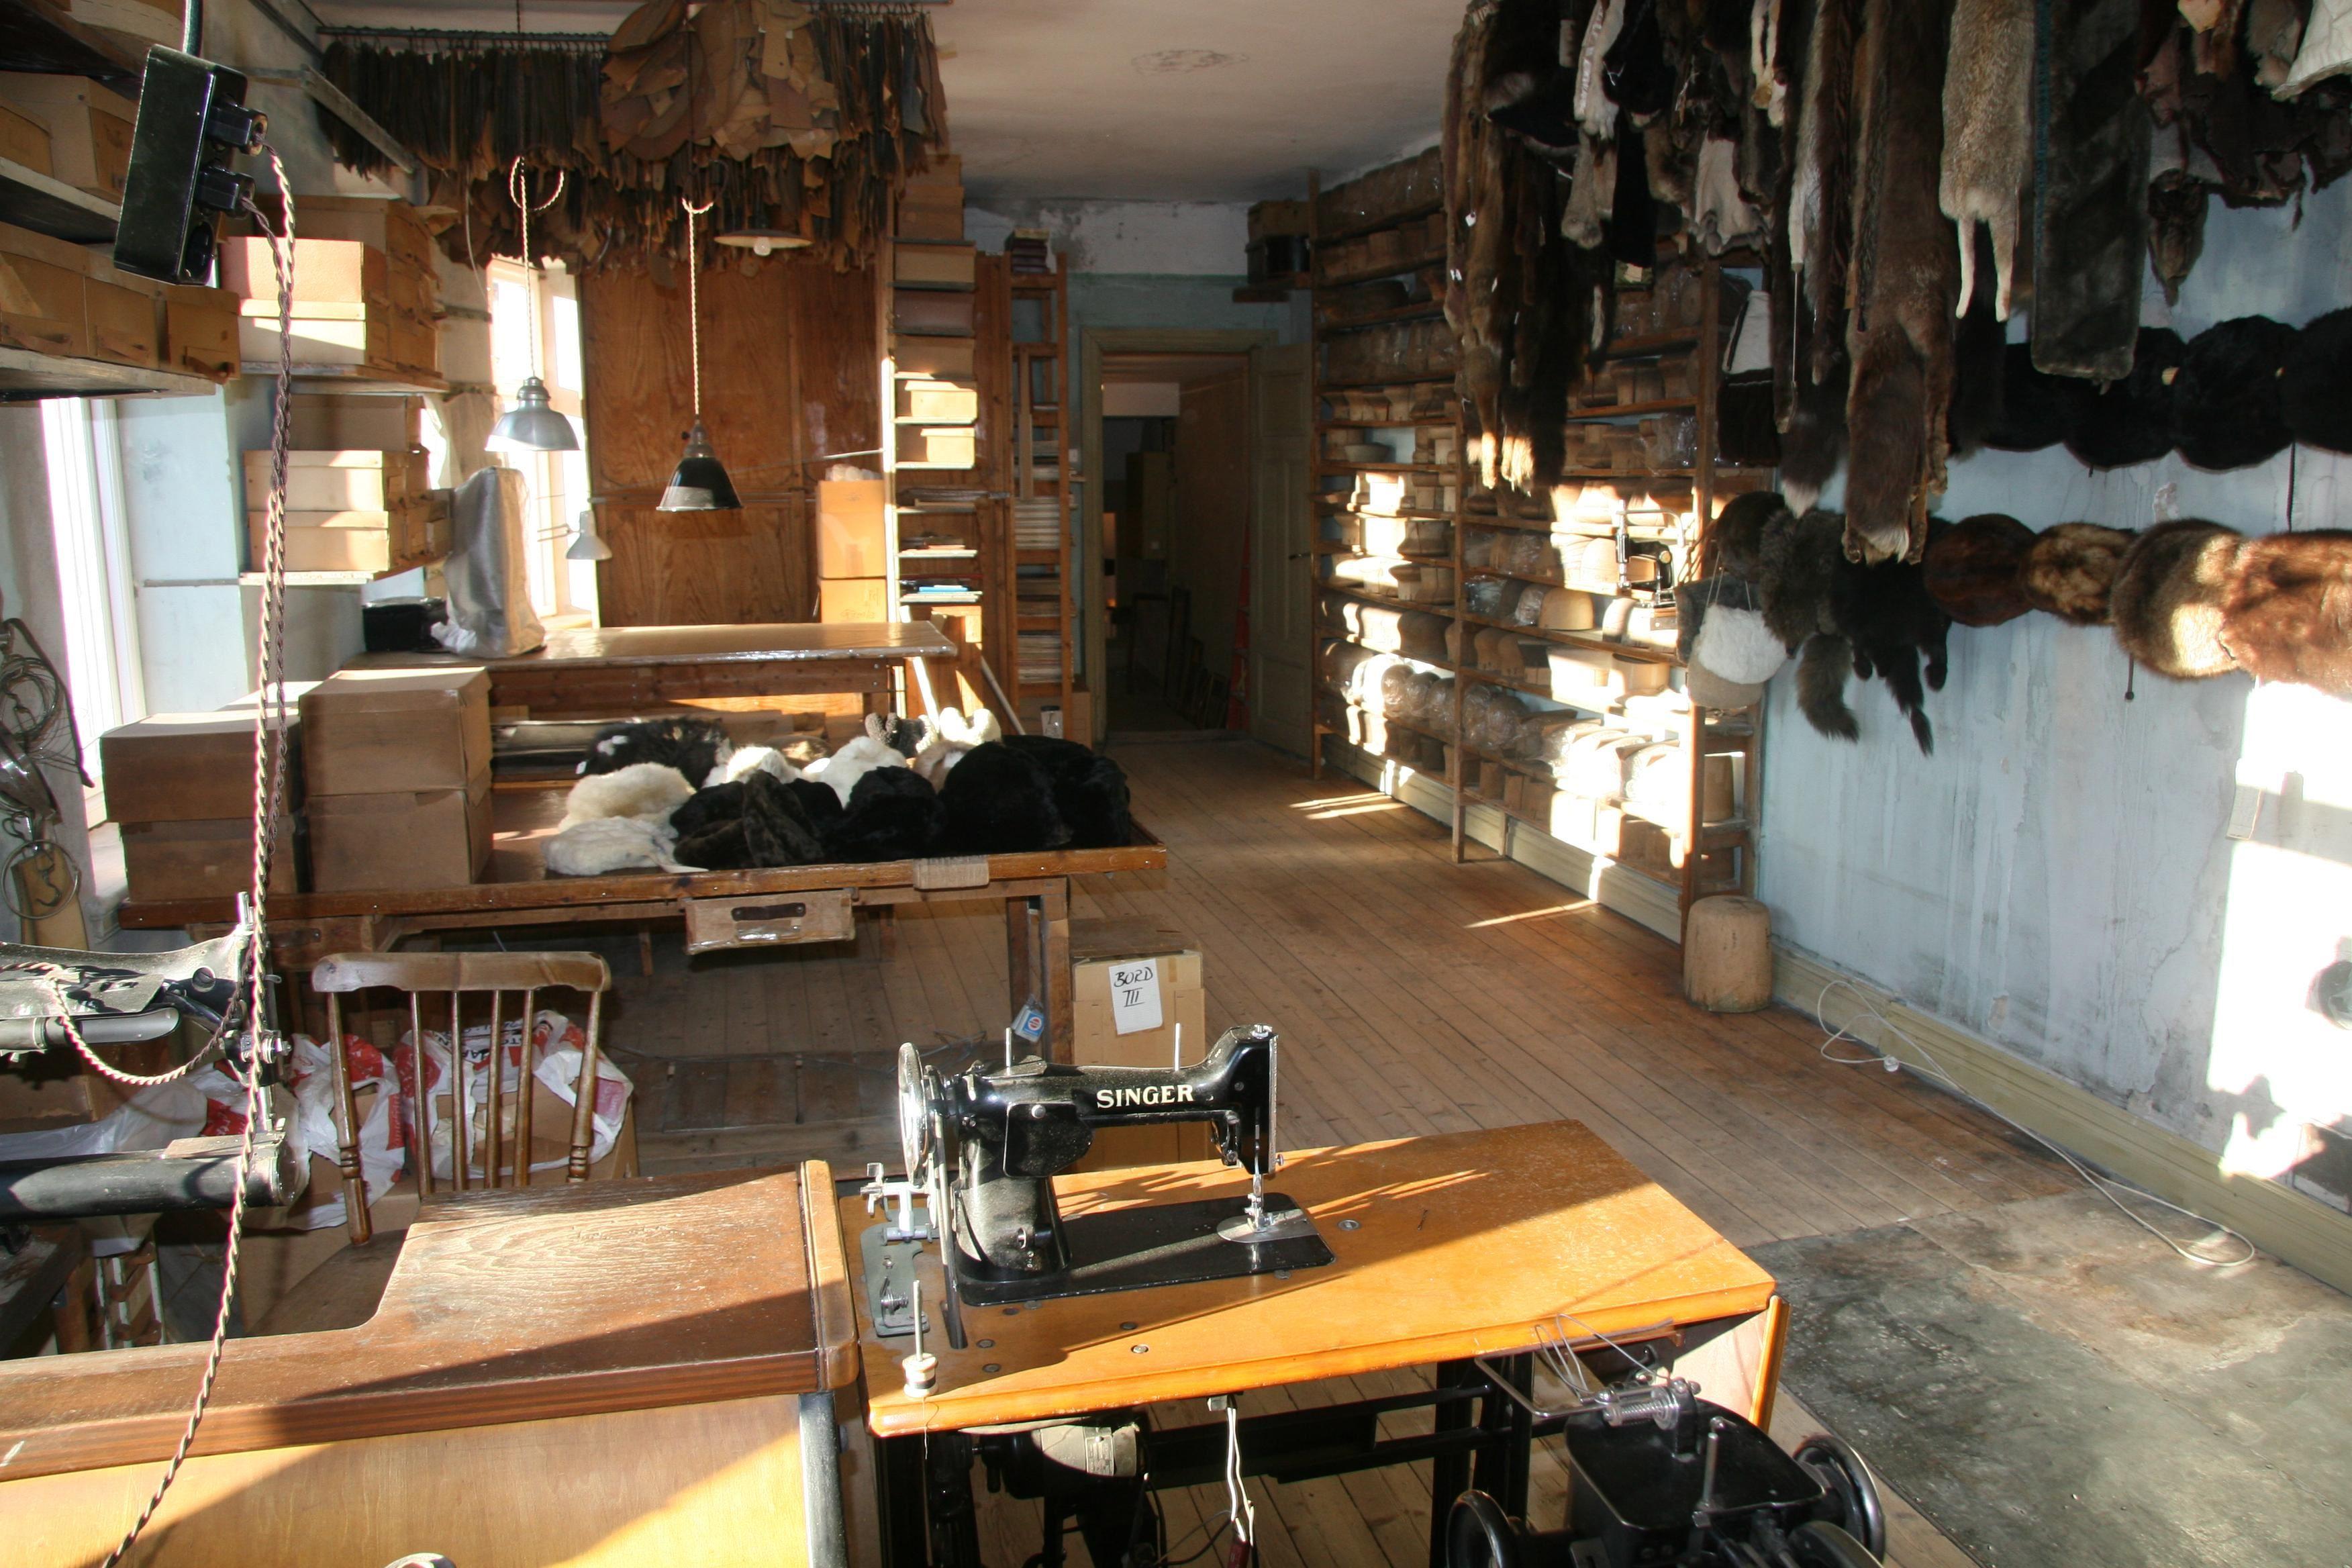 Här hänger pälsverken i rader, i taket trängs mallar till mössor och på väggen är runt 250 olika hattstockar uppradade.